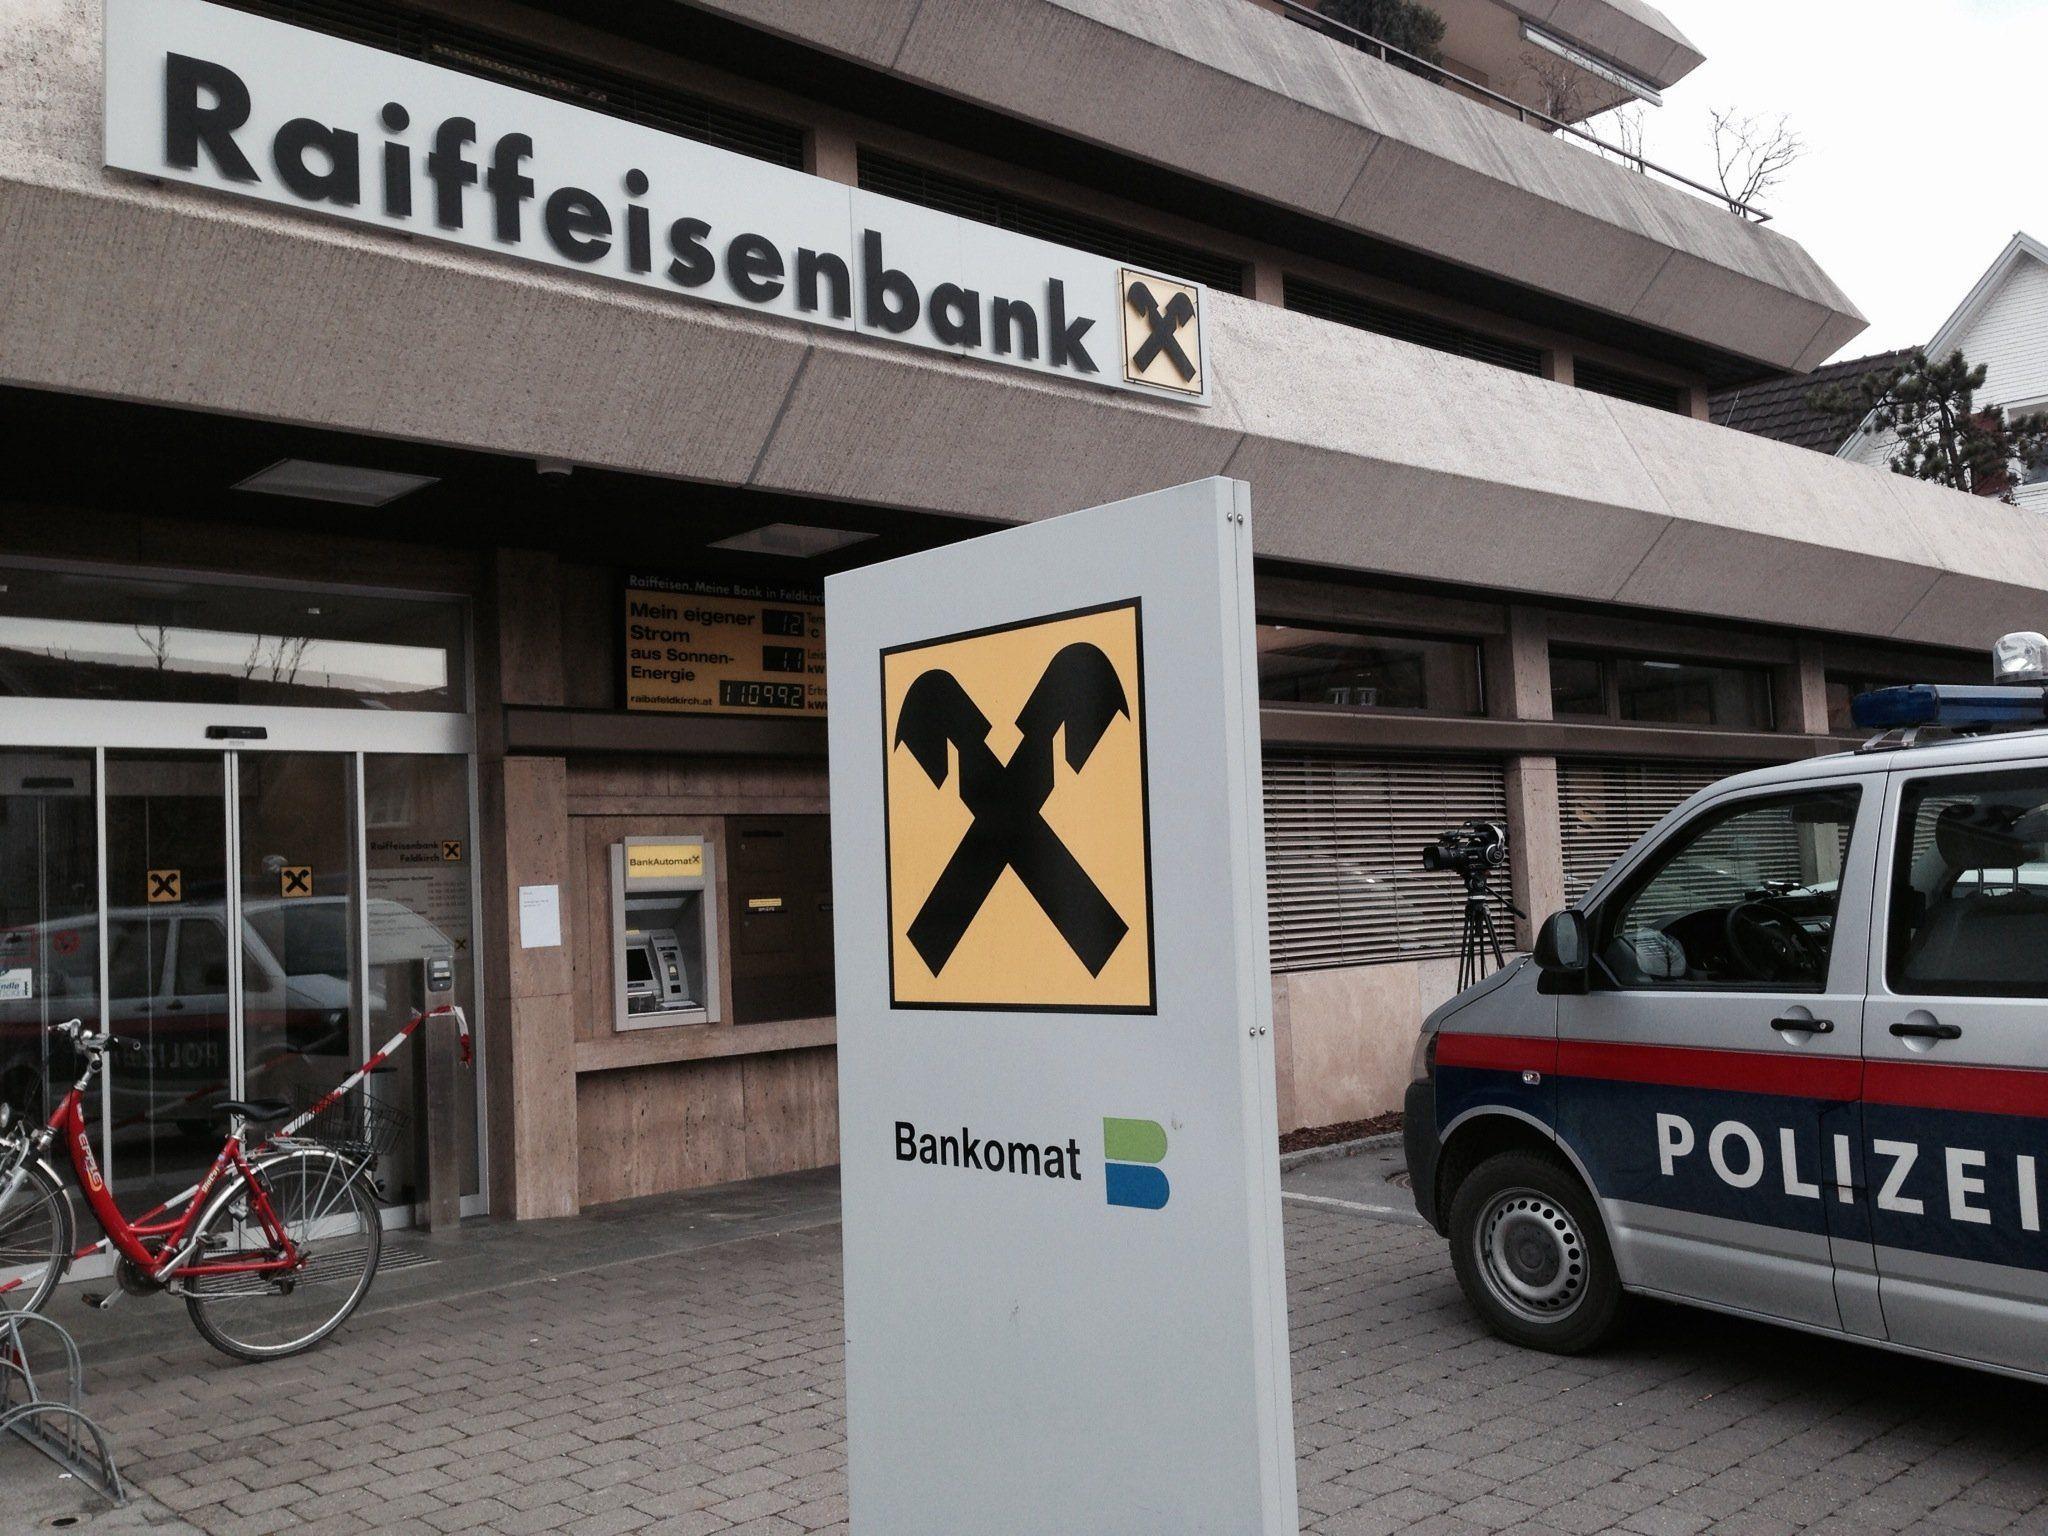 Banküberfall in Feldkirch Altenstadt: Bewaffneter Täter flüchtig.